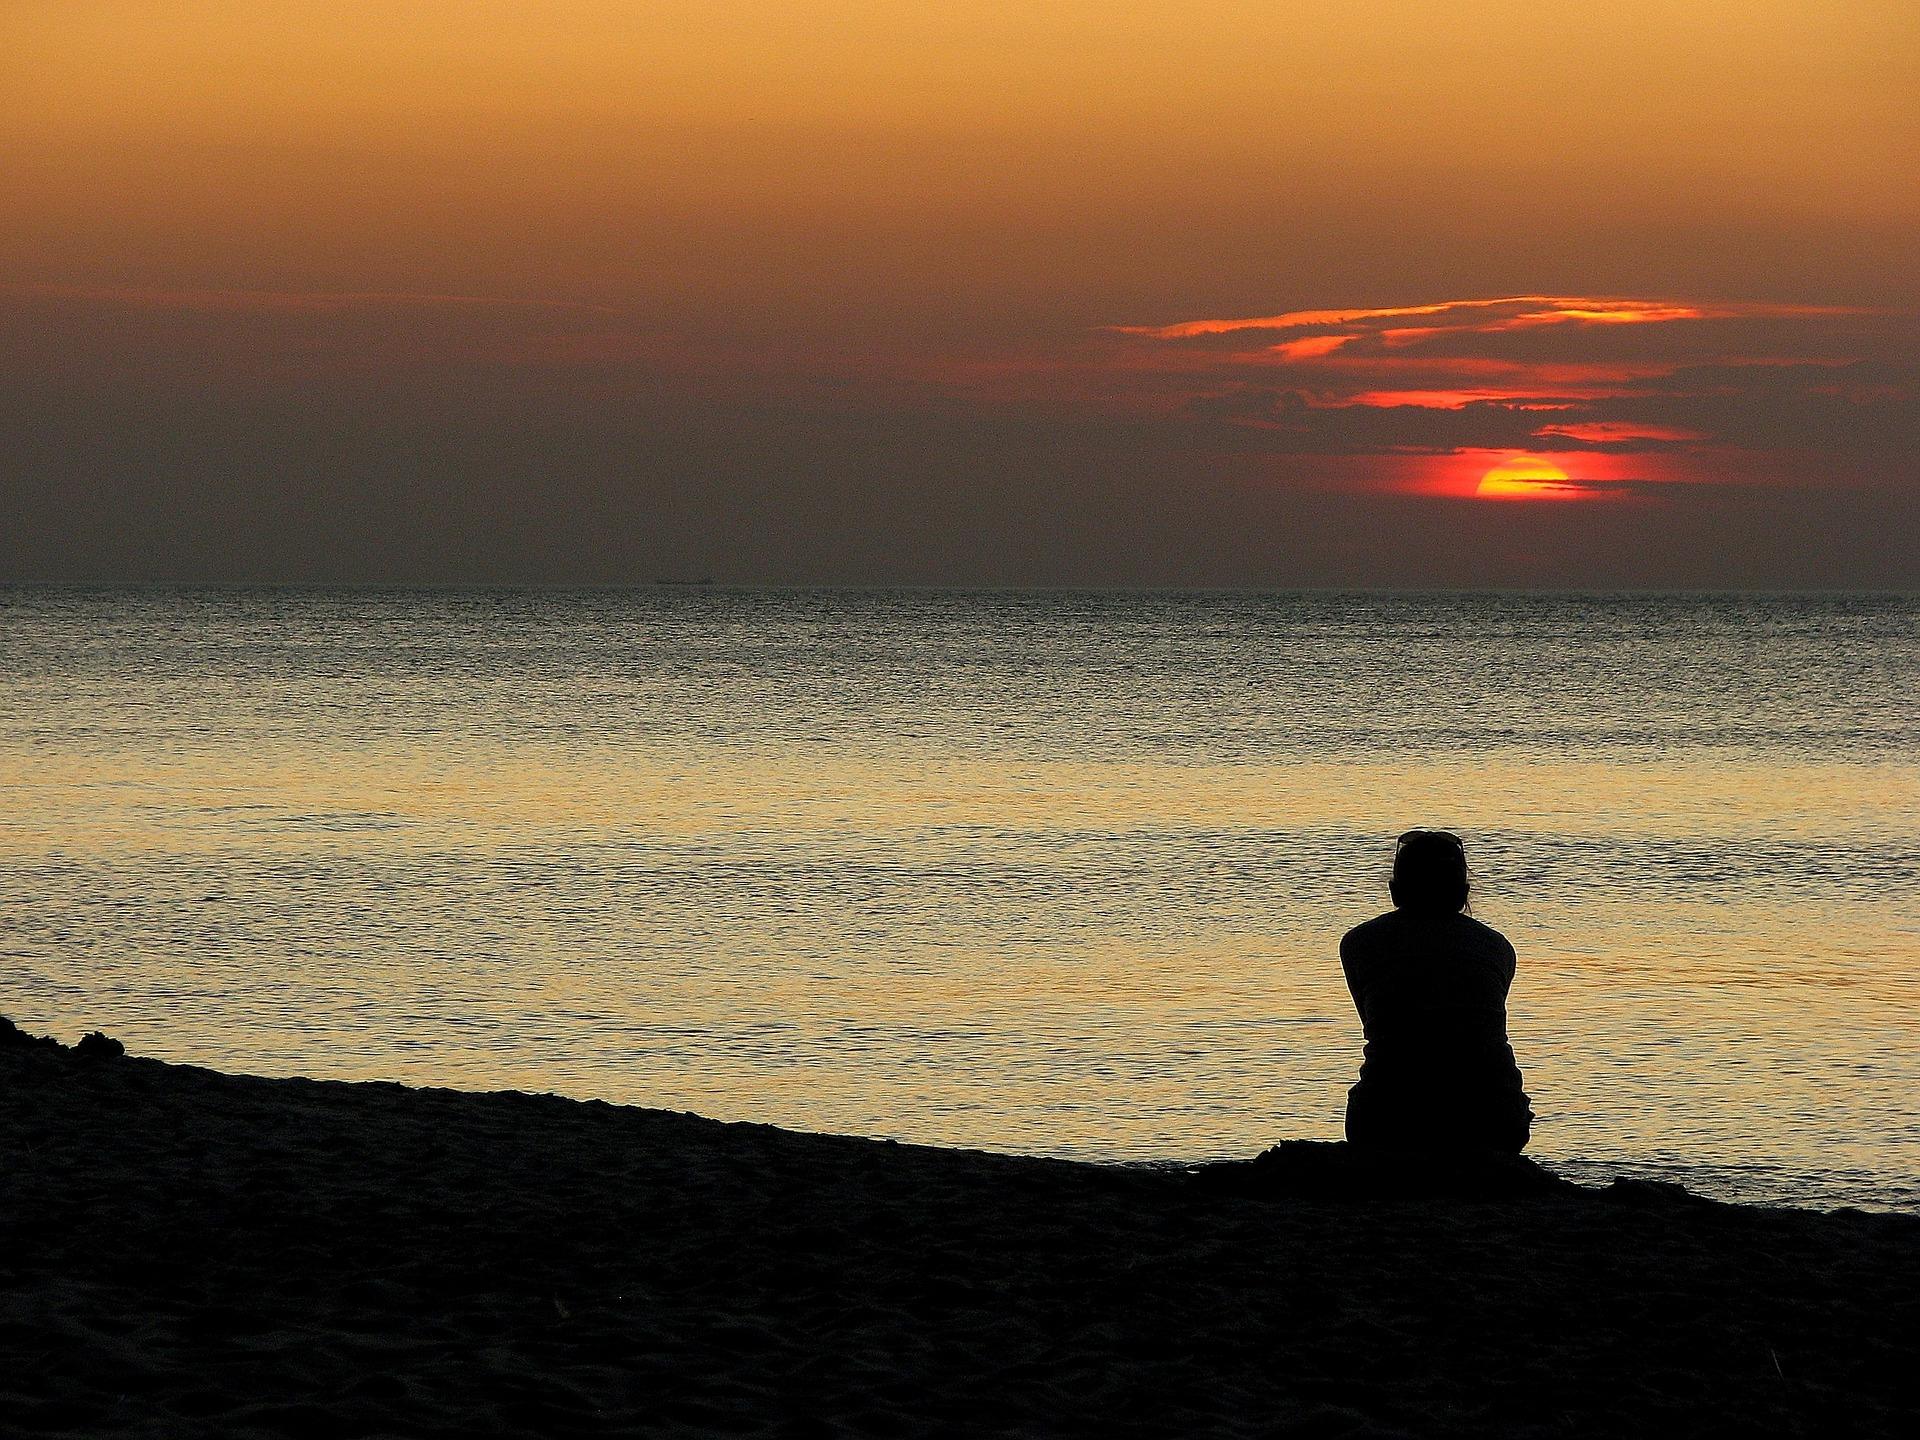 картинка одинокий мужчина на берегу моря содержит сведения обо